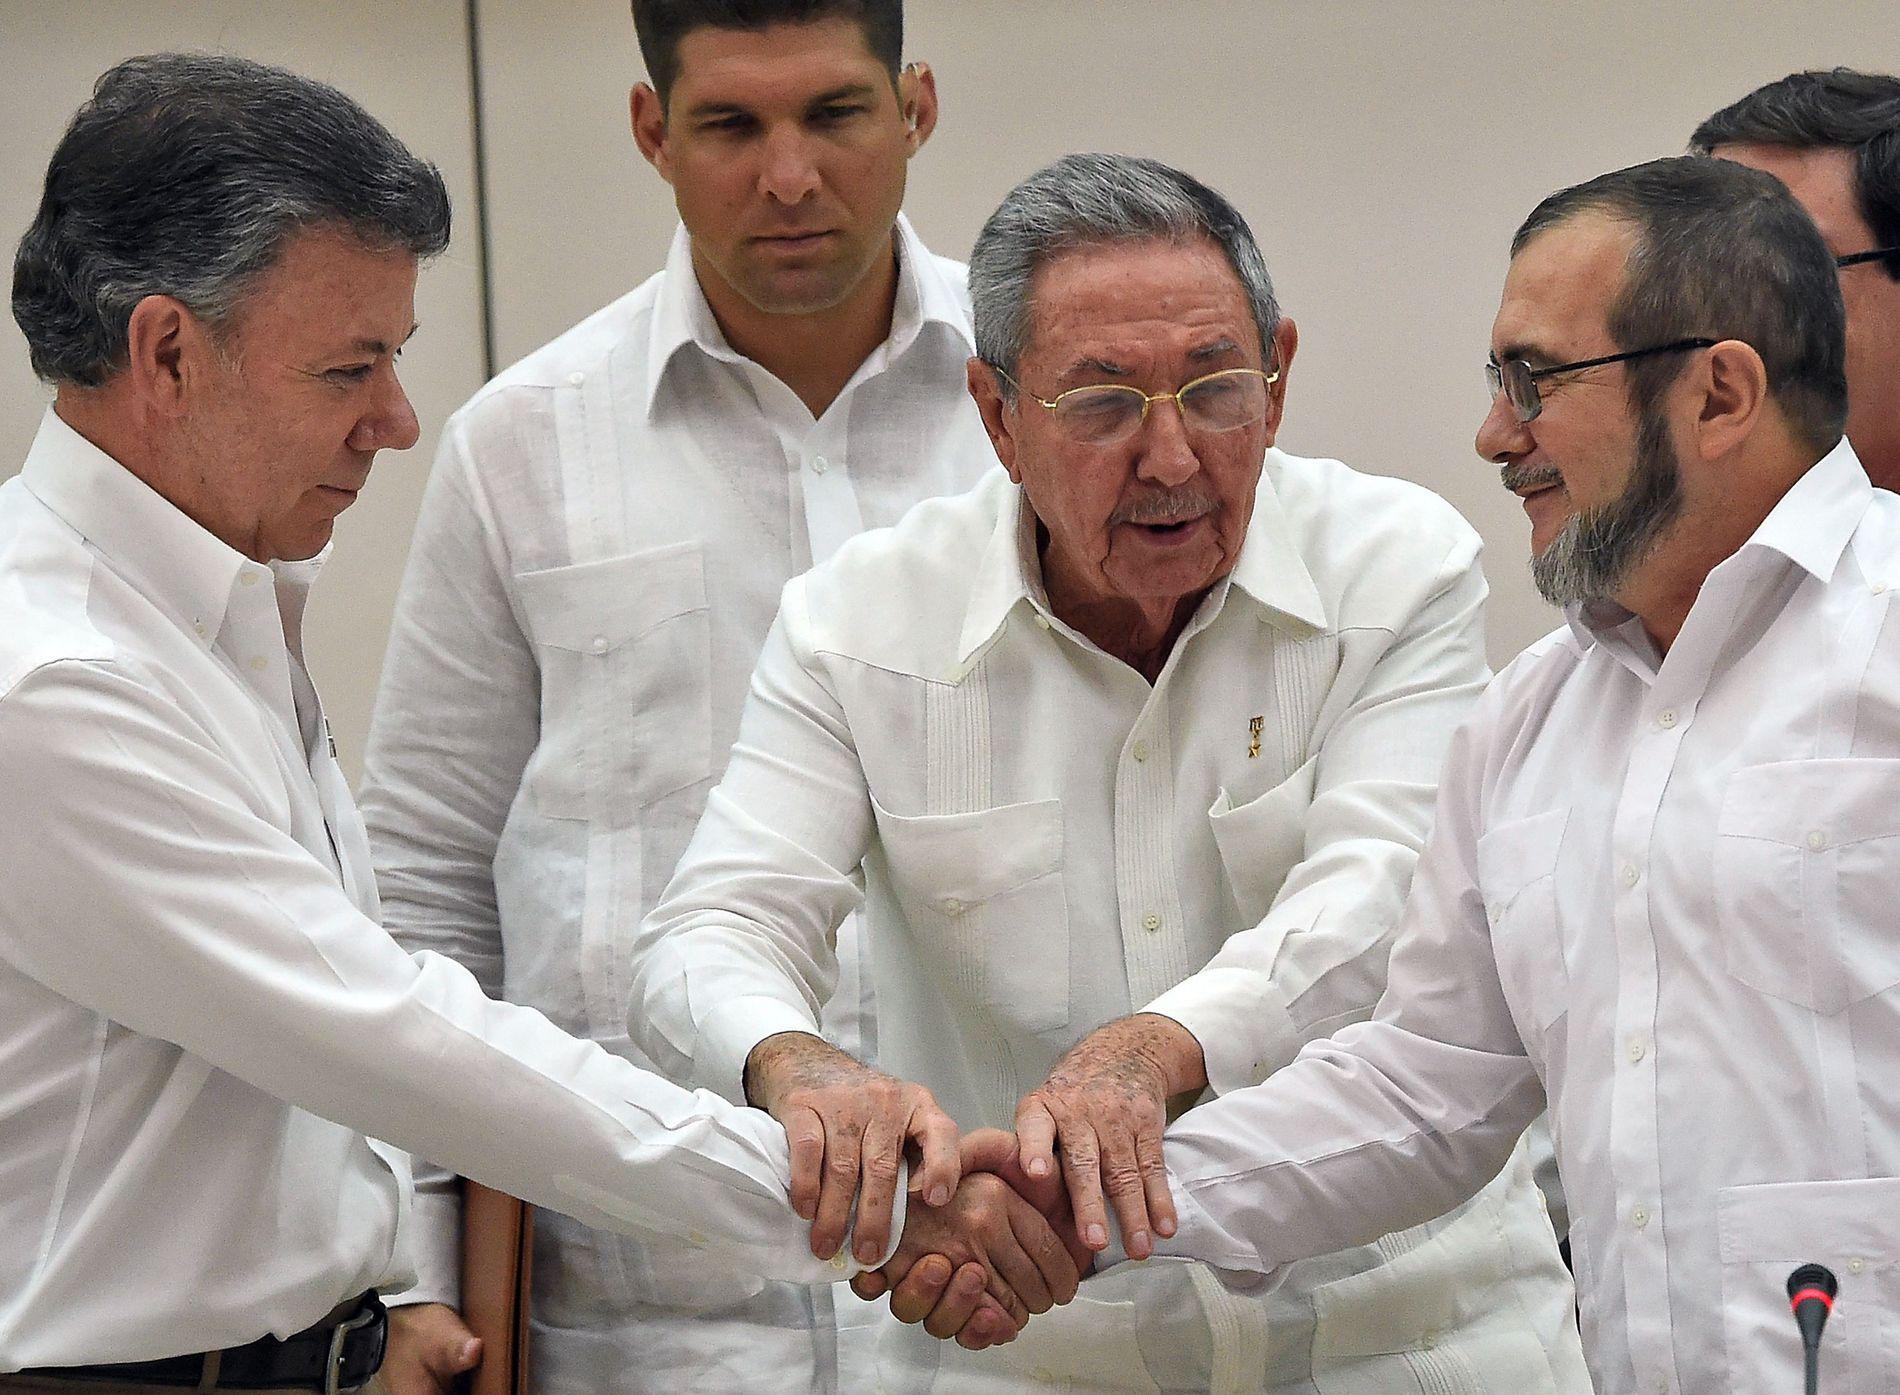 HISTORISK HÅNDTRYKK: Dette er scener som ville vært helt utenkelige for bare få år siden. Colombias president Juan Manuel Santos (til venstre) i et hjertelig håndtrykk med FARC-toppen Timoleon «Timochenko» Jimenez - mens de får en håndsrekning av Cubas president Raul Castro (i midten).